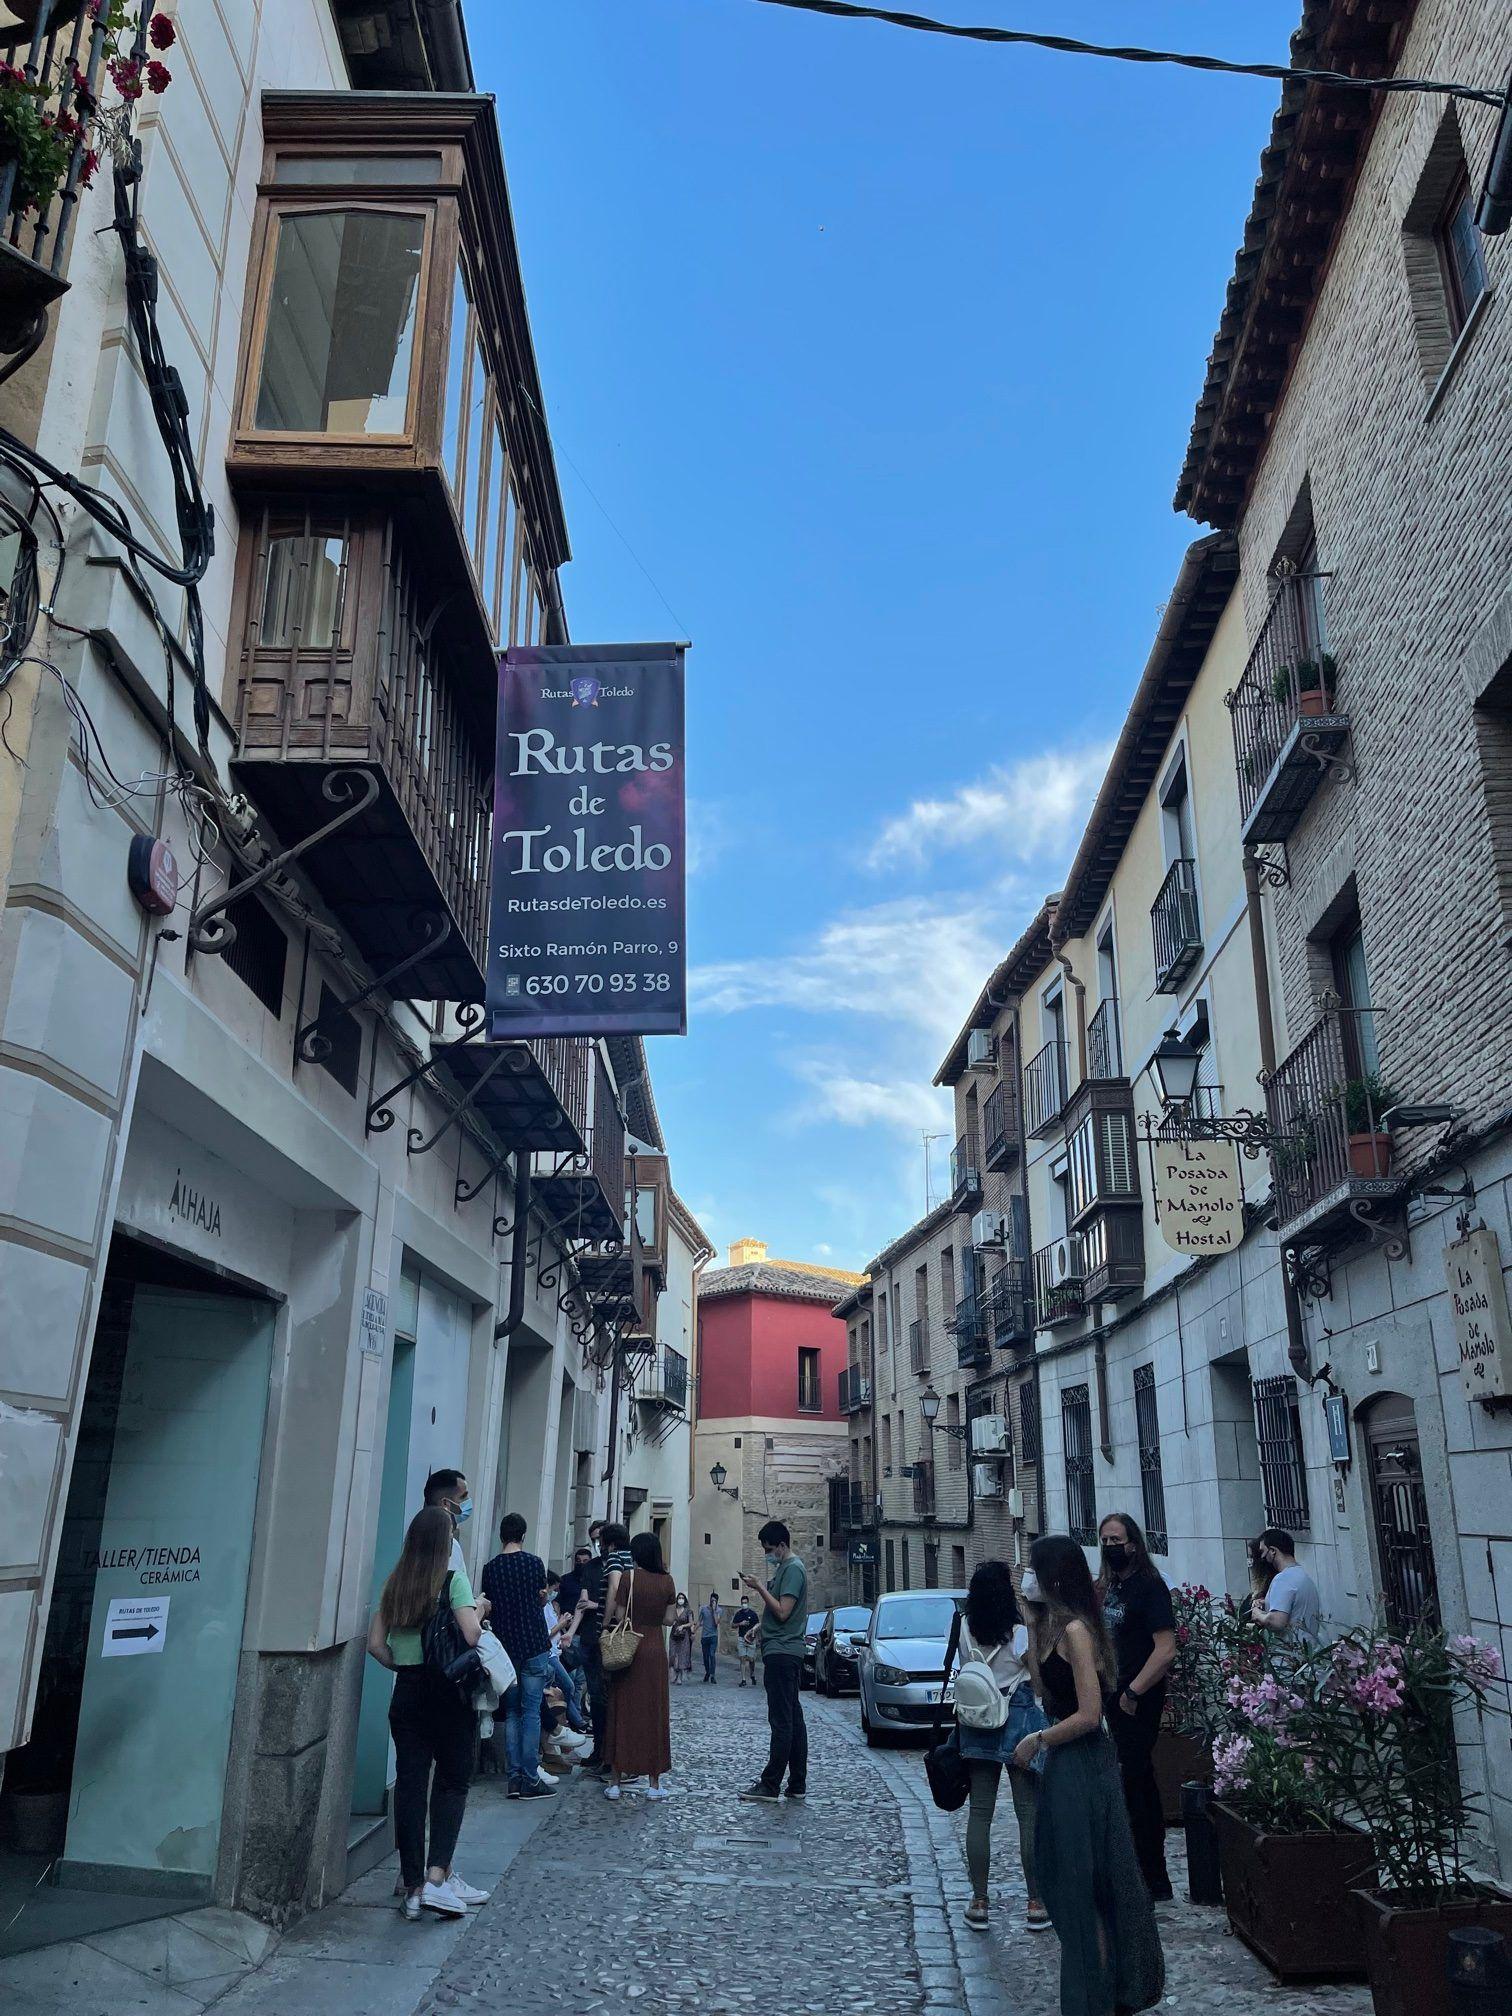 Calle Sixto Ramón Parro, Toledo. Oficina de Rutas de Toledo